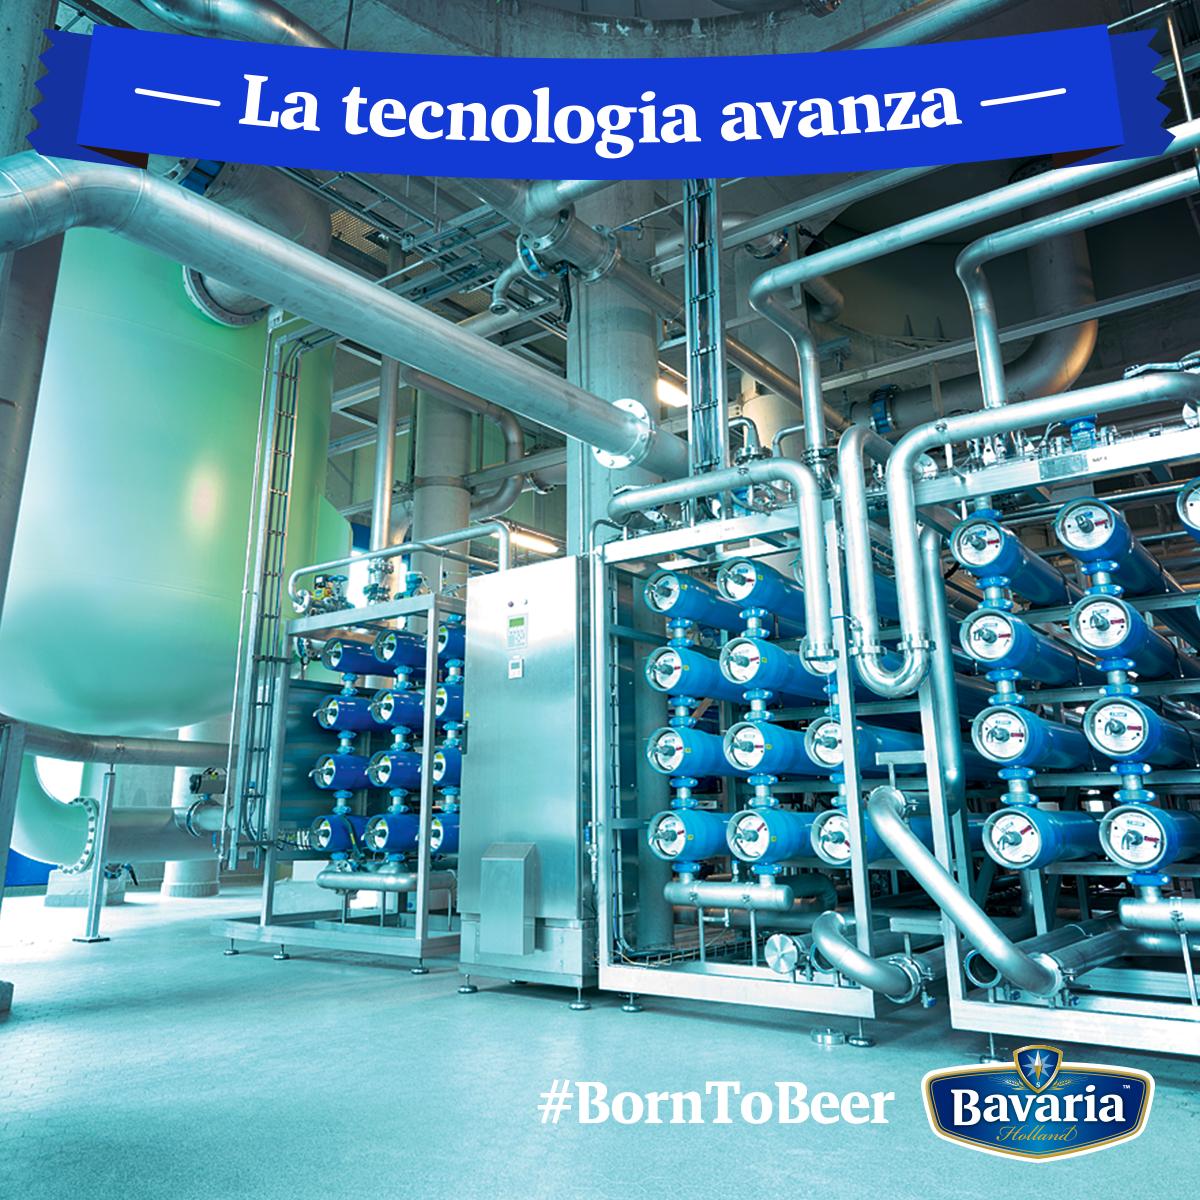 Solo una grande azienda può darsi grandi obiettivi: sono estremamente attenta al tema ambientale e alle innovazioni tecnologiche grazie alle quali rientro, nella classifica mondiale, tra le le aziende al top in termini di minor consumo di acqua ed energia! #borntobeer